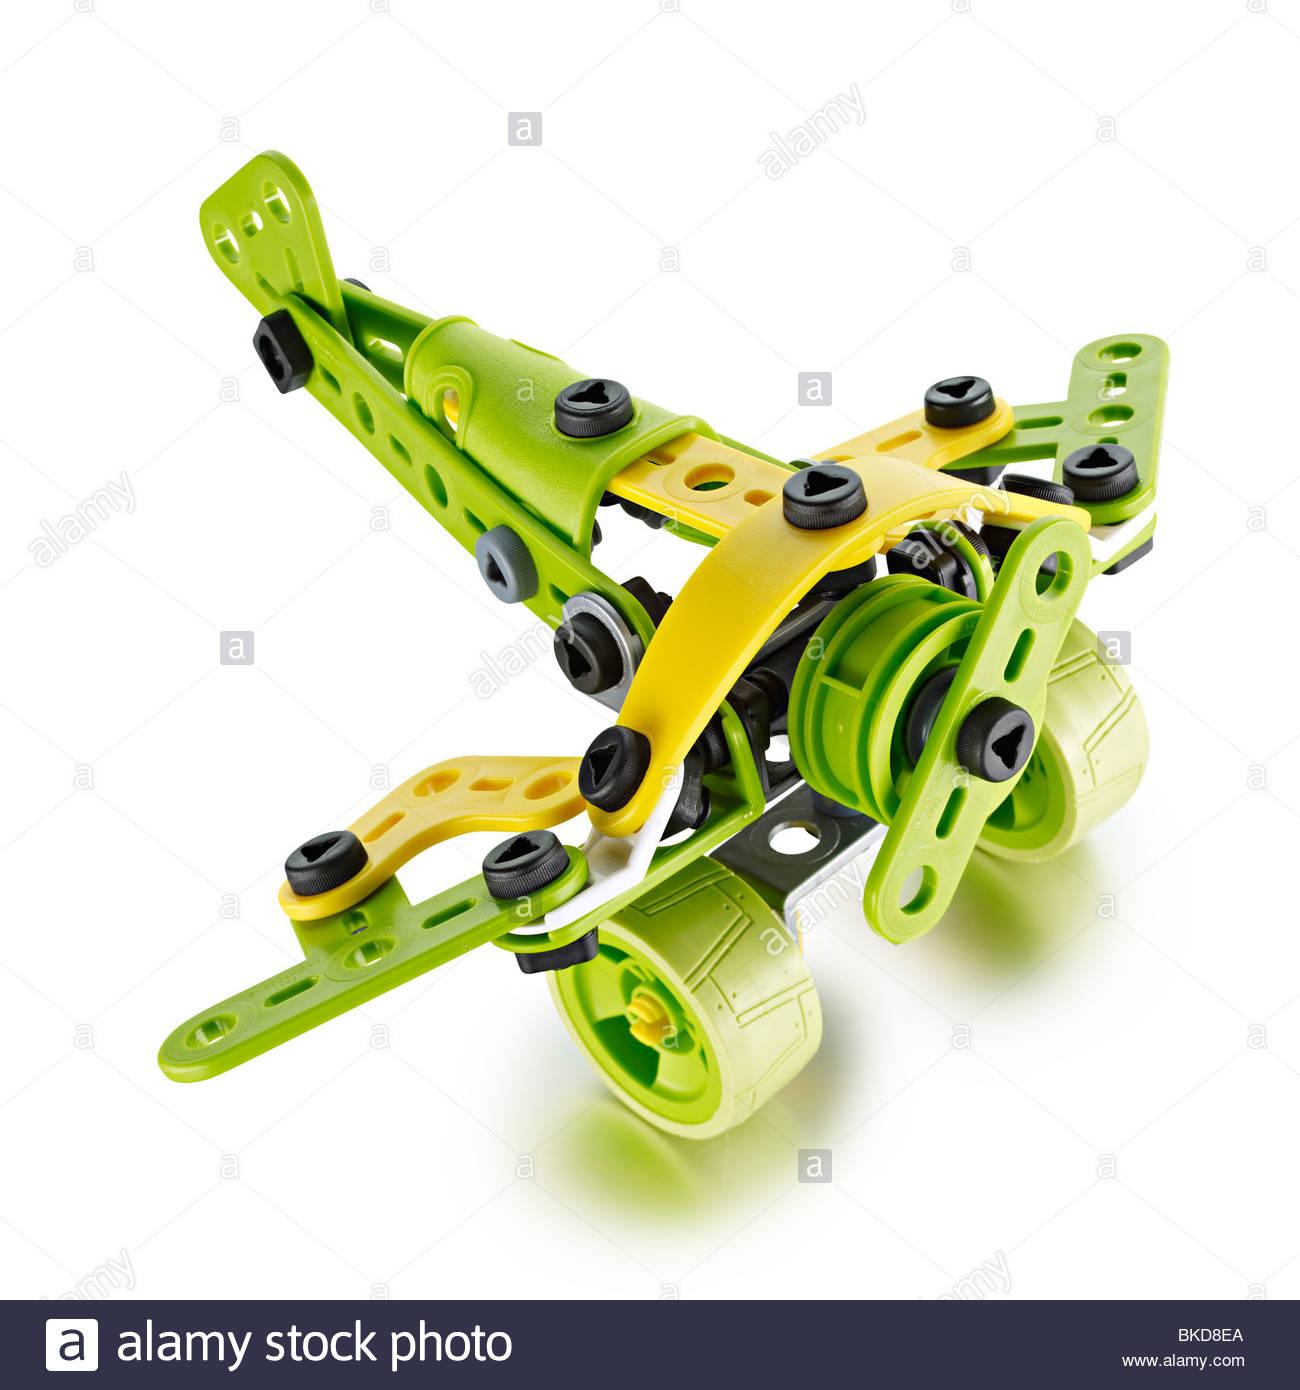 Avion meccano plastique Photo Stock